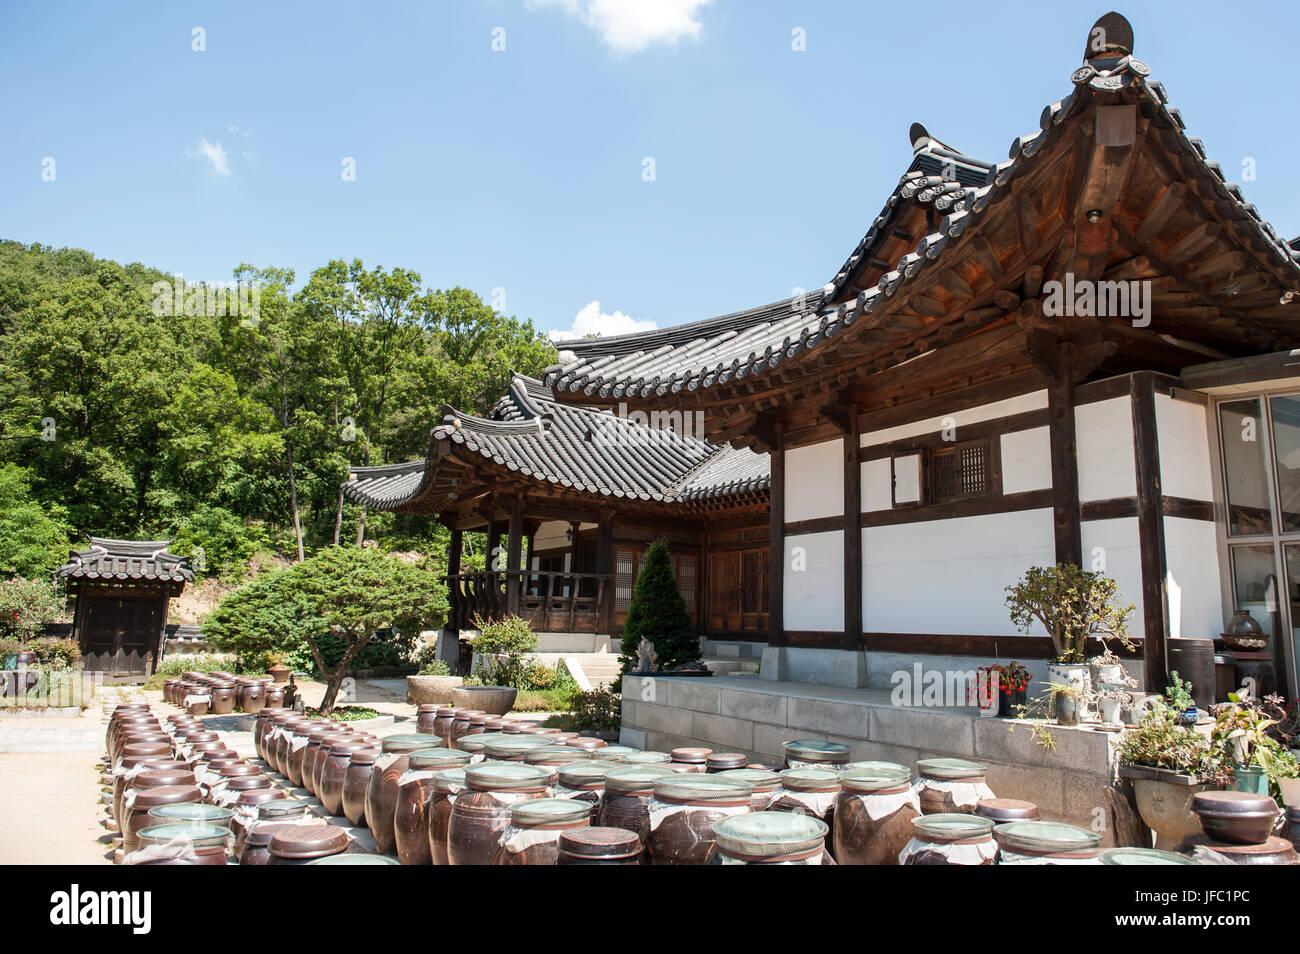 Yongin City South Korea